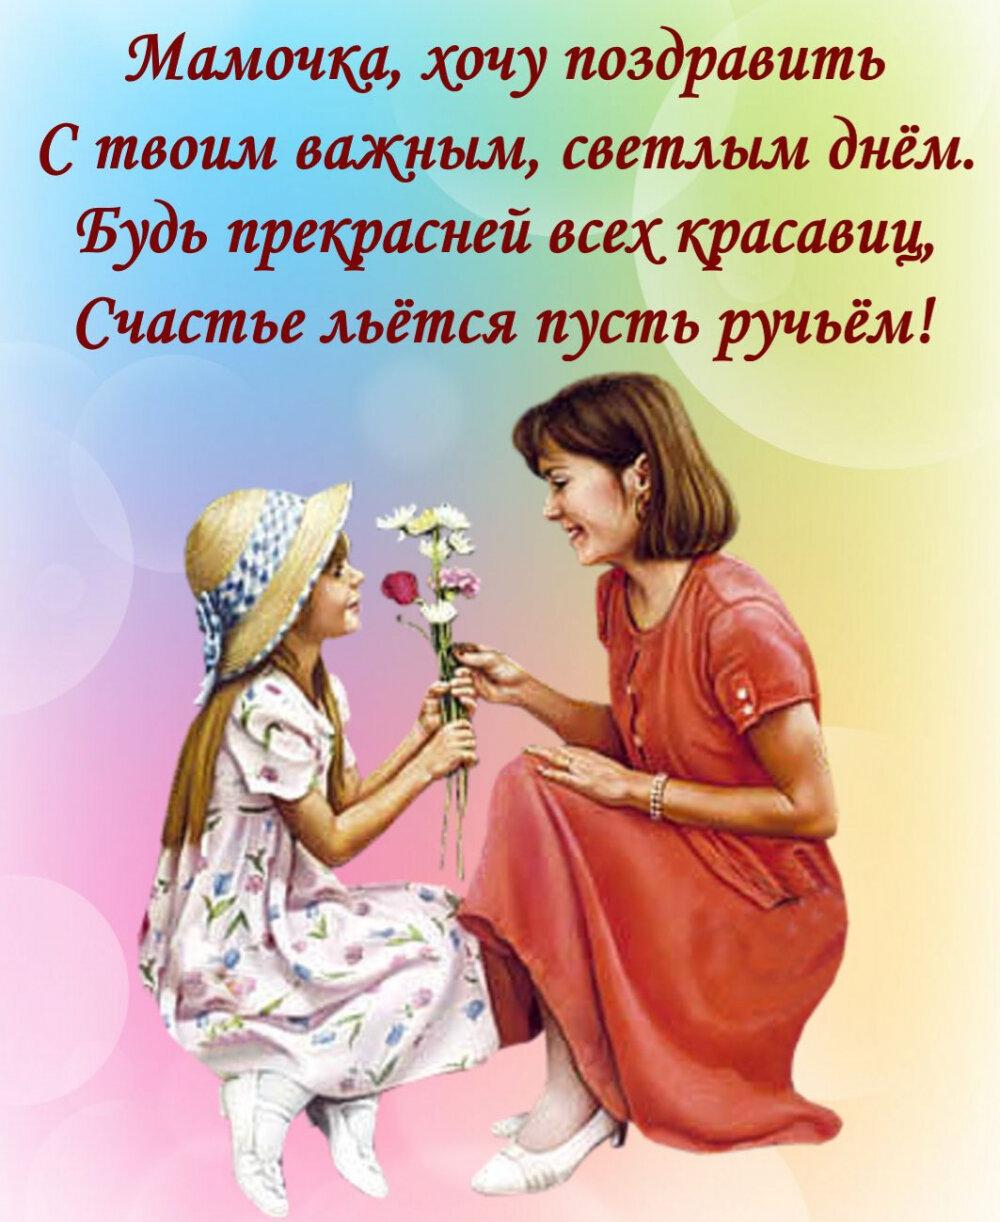 поздравление двум мамам с днем матери